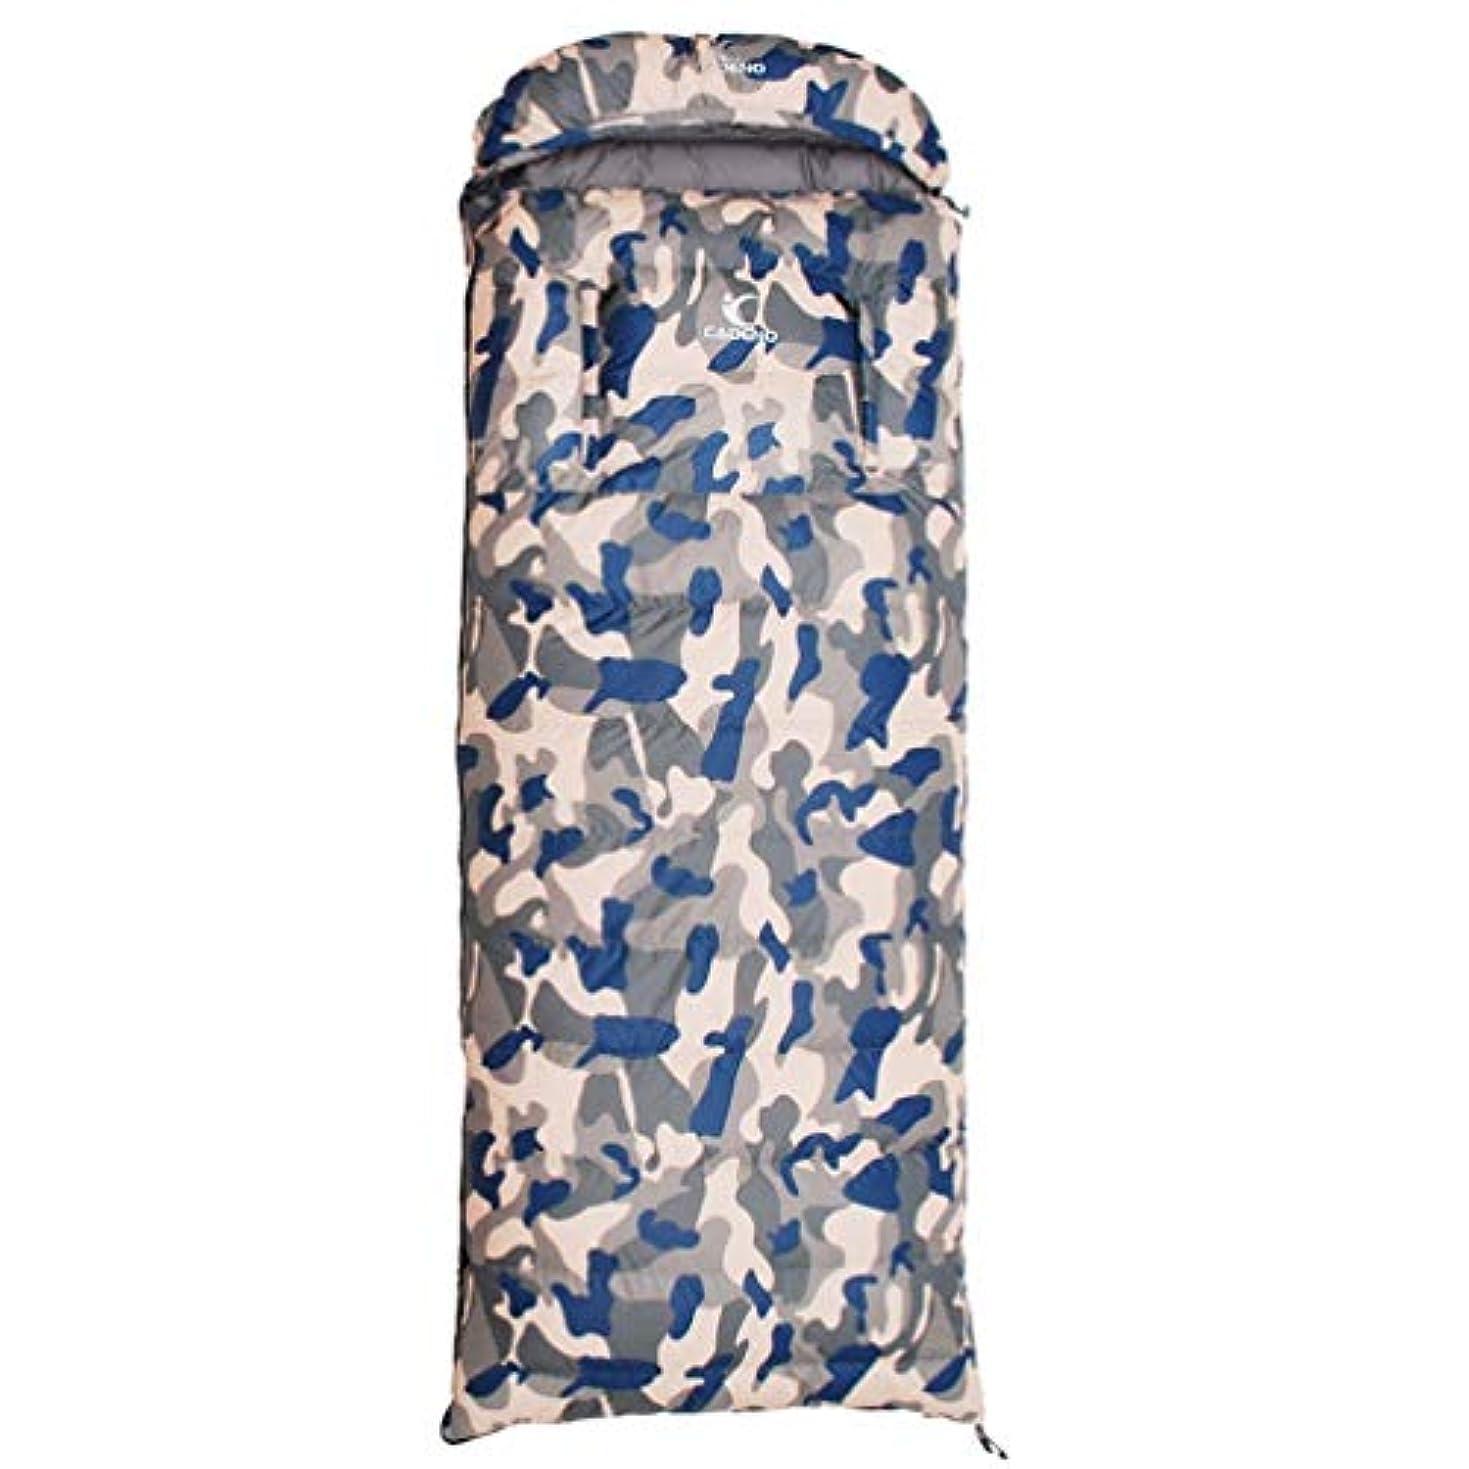 不条理偽善施し迷彩四季寝袋大人の屋外防水超軽量キャンプポータブルコールド寝袋シングルダブル使用5/20°C (色 : ブラック)